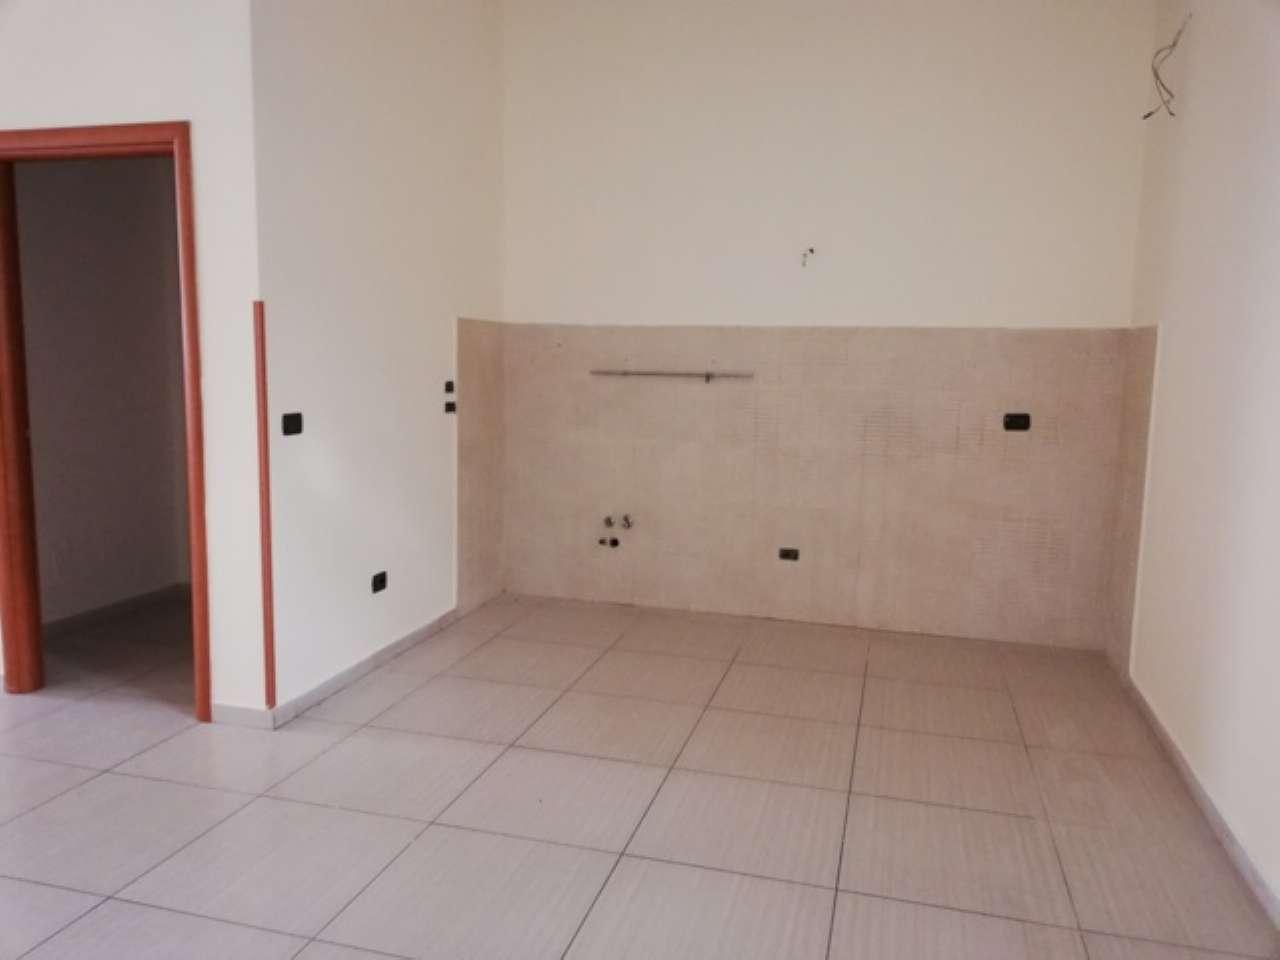 Appartamento in vendita a Mariglianella, 4 locali, prezzo € 150.000 | CambioCasa.it